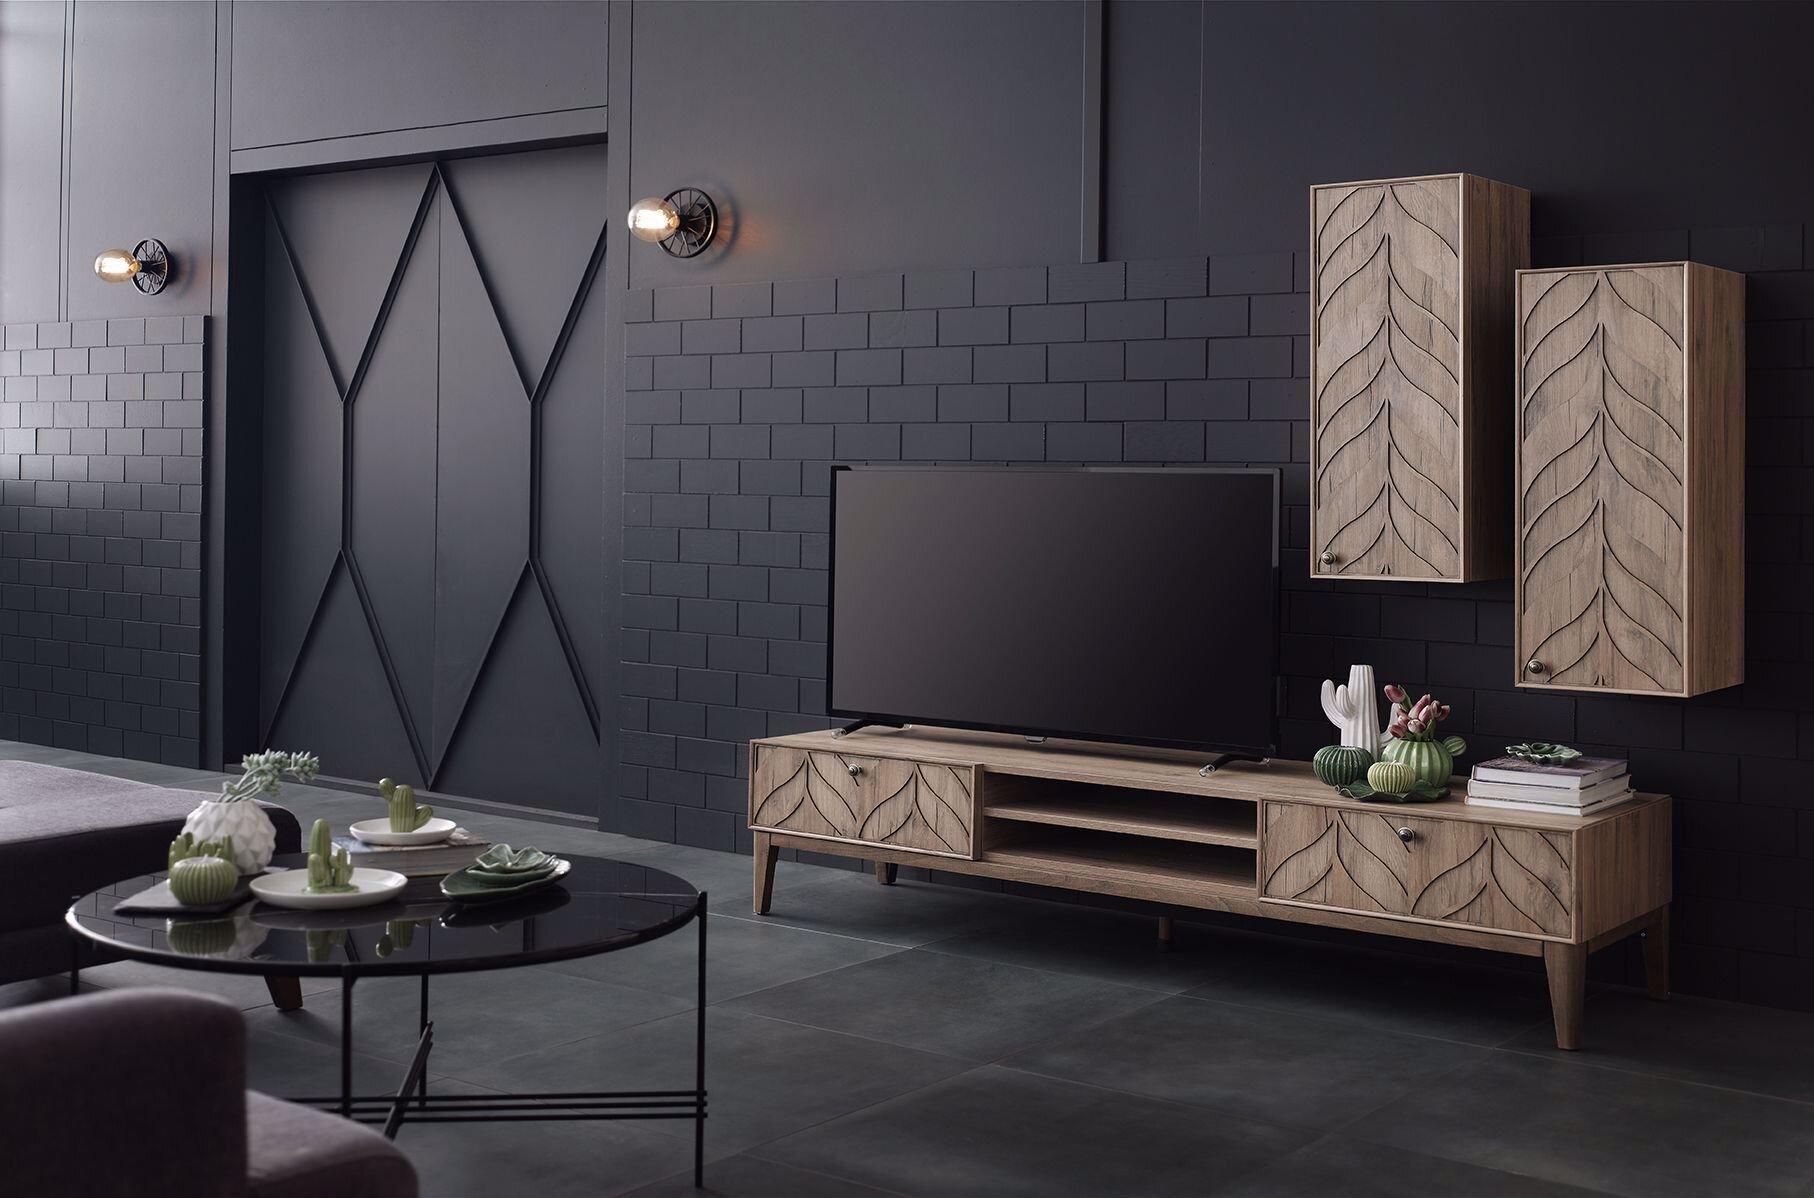 Pıante Tv Ünı̇tesı̇ Alt